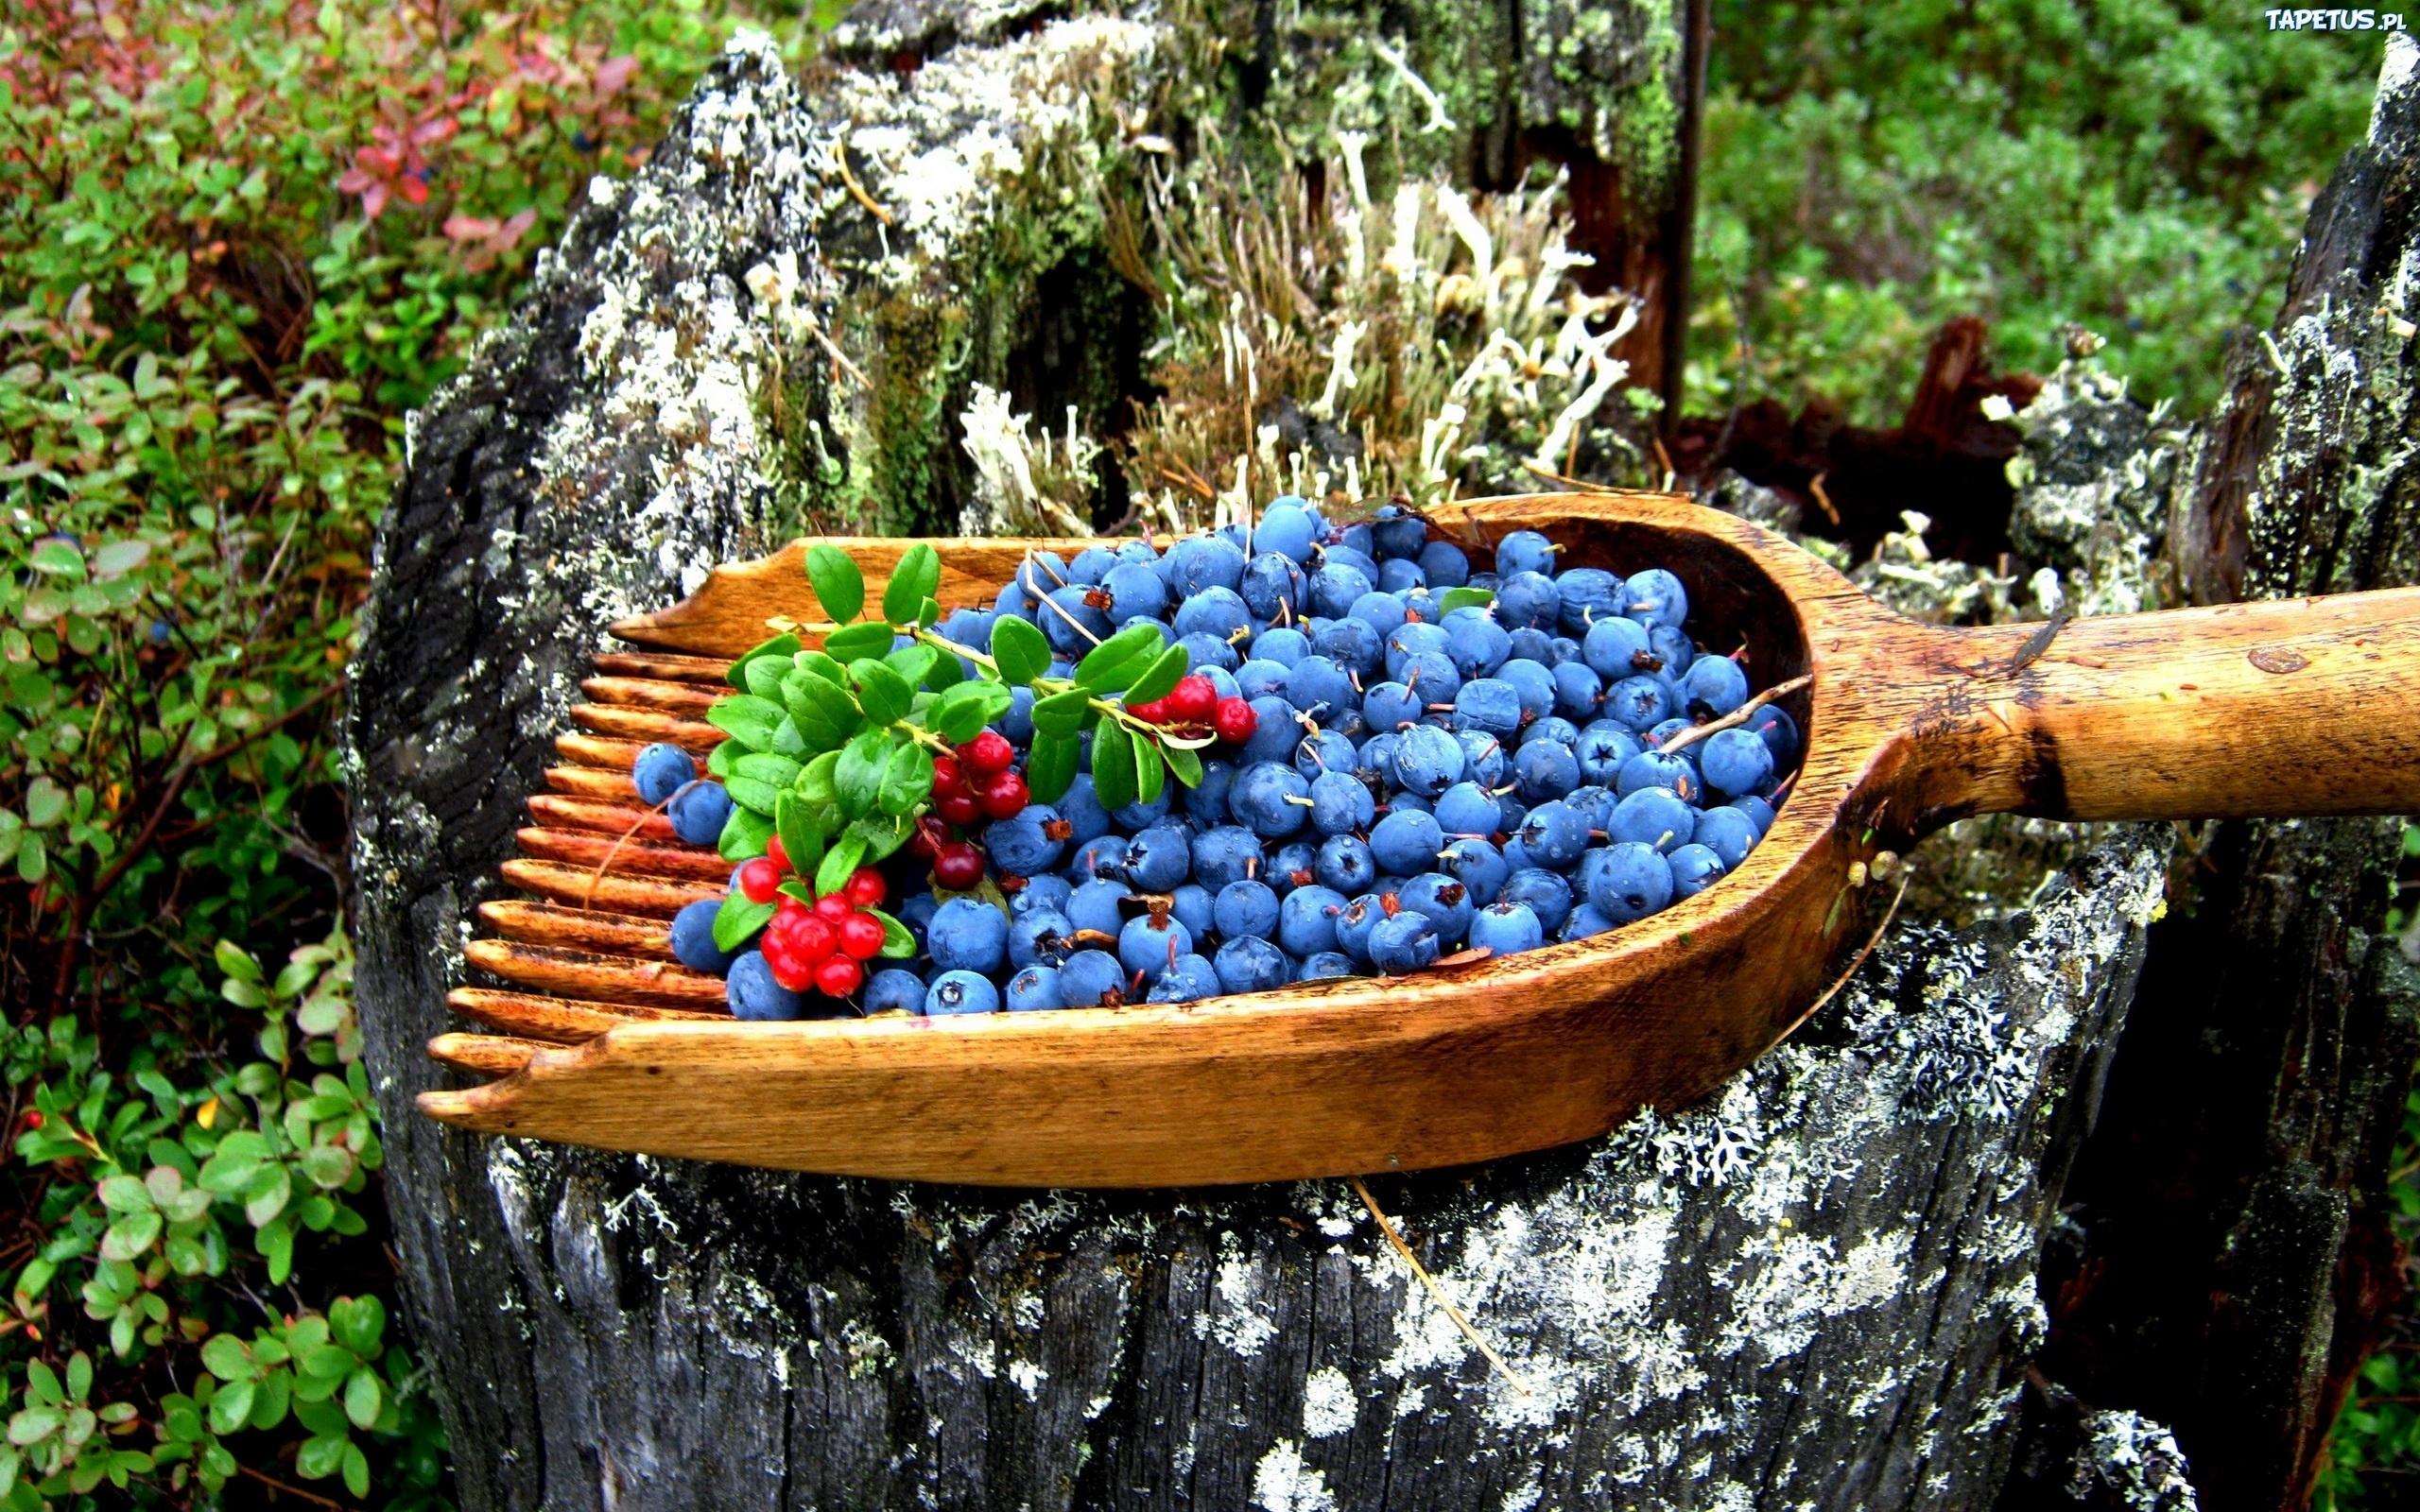 брусника ягода ведро  № 3697018 бесплатно